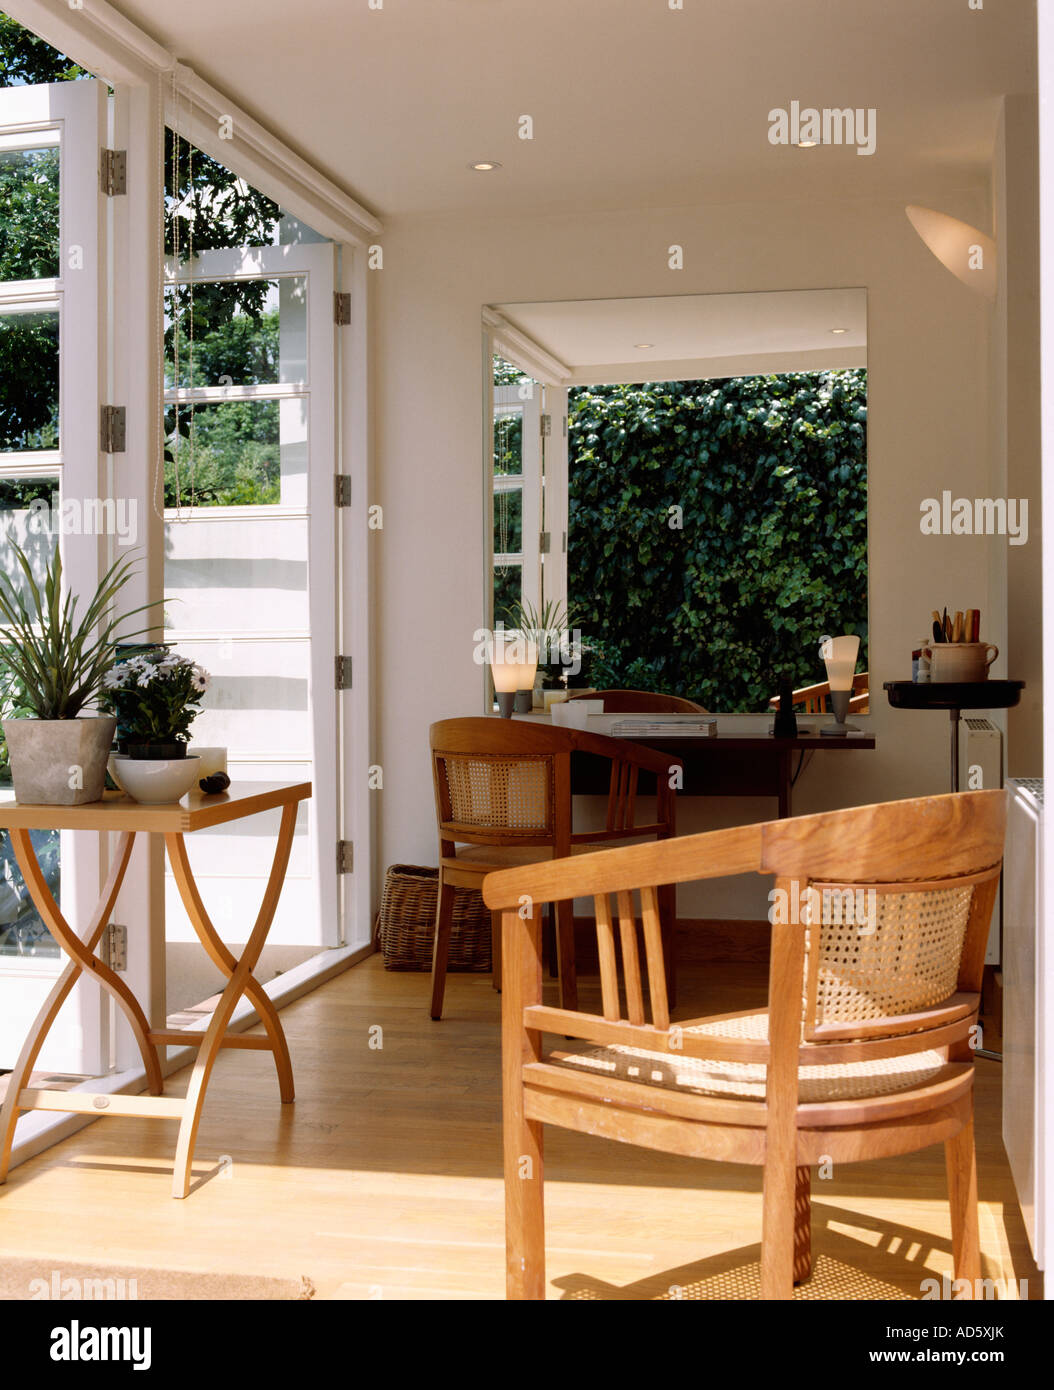 Fauteuil en bois et petite table sur parquet dans la salle à ...